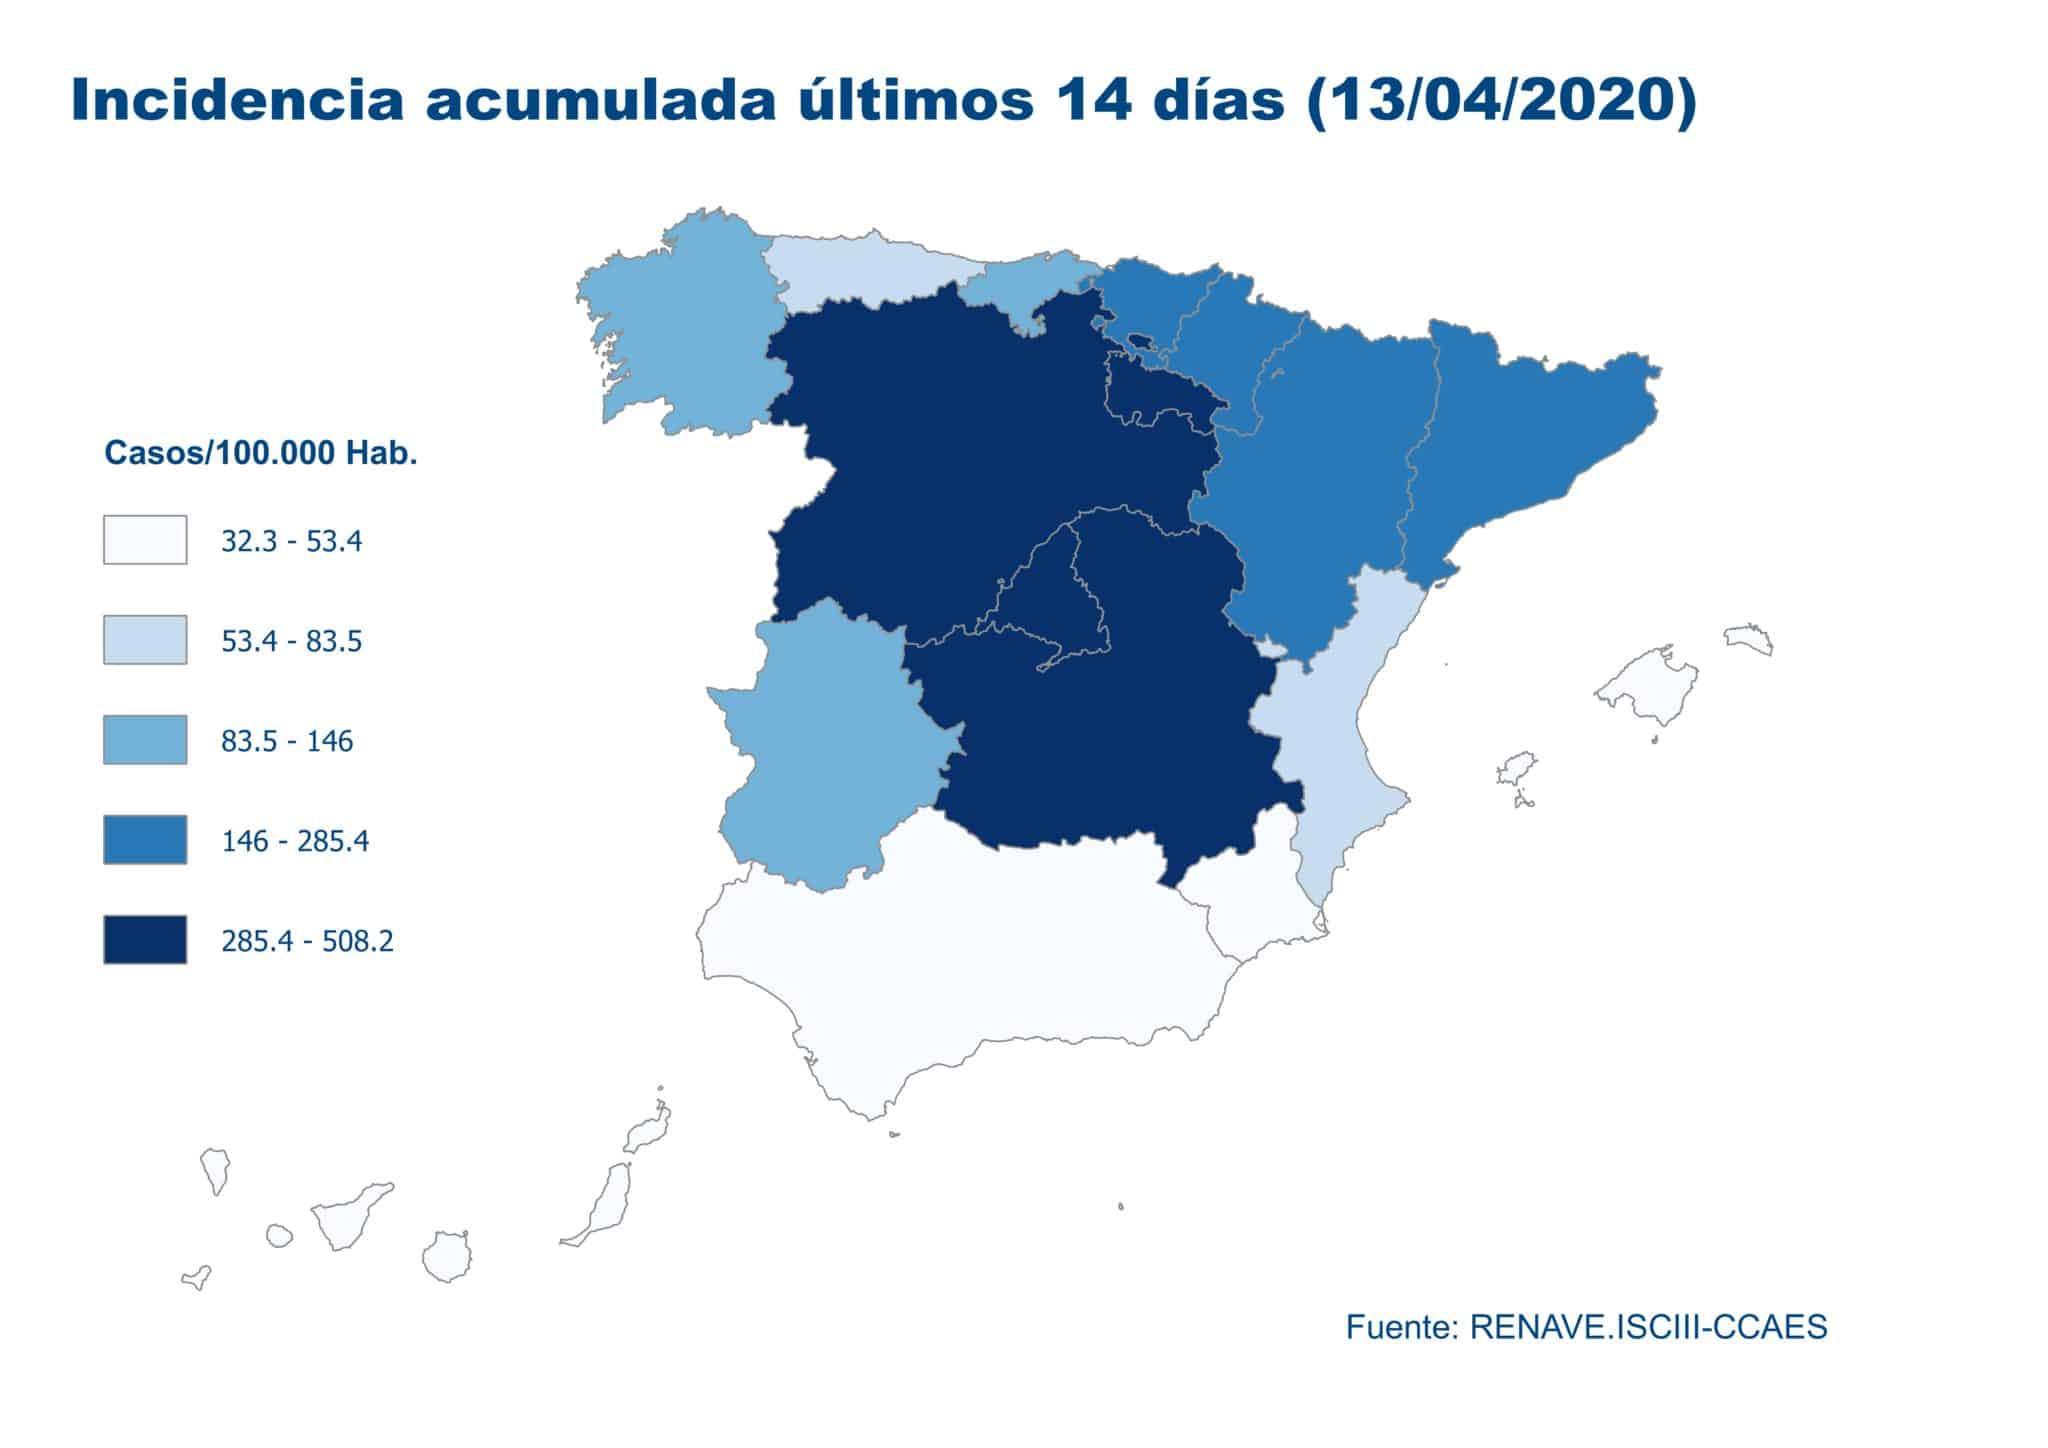 La Rioja sufre 11 nuevos fallecimientos y suma 62 nuevos casos de coronavirus 3